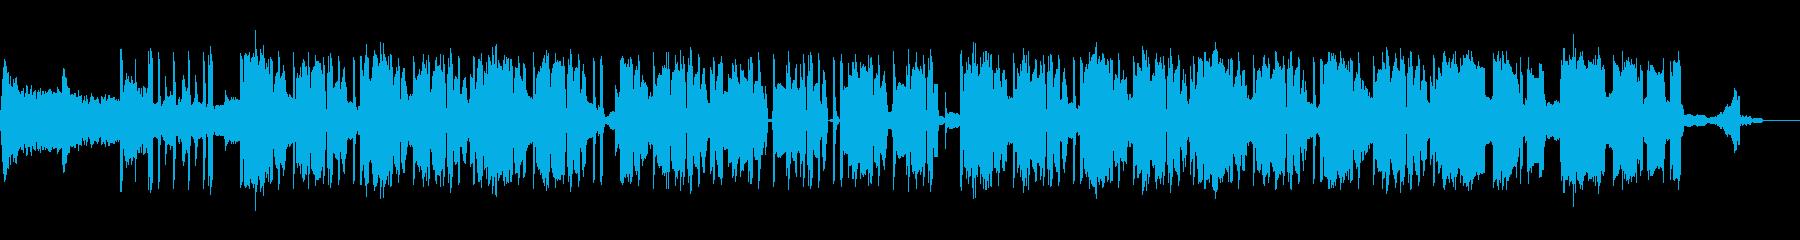 渋め・クールなチル・ヒップホップの再生済みの波形